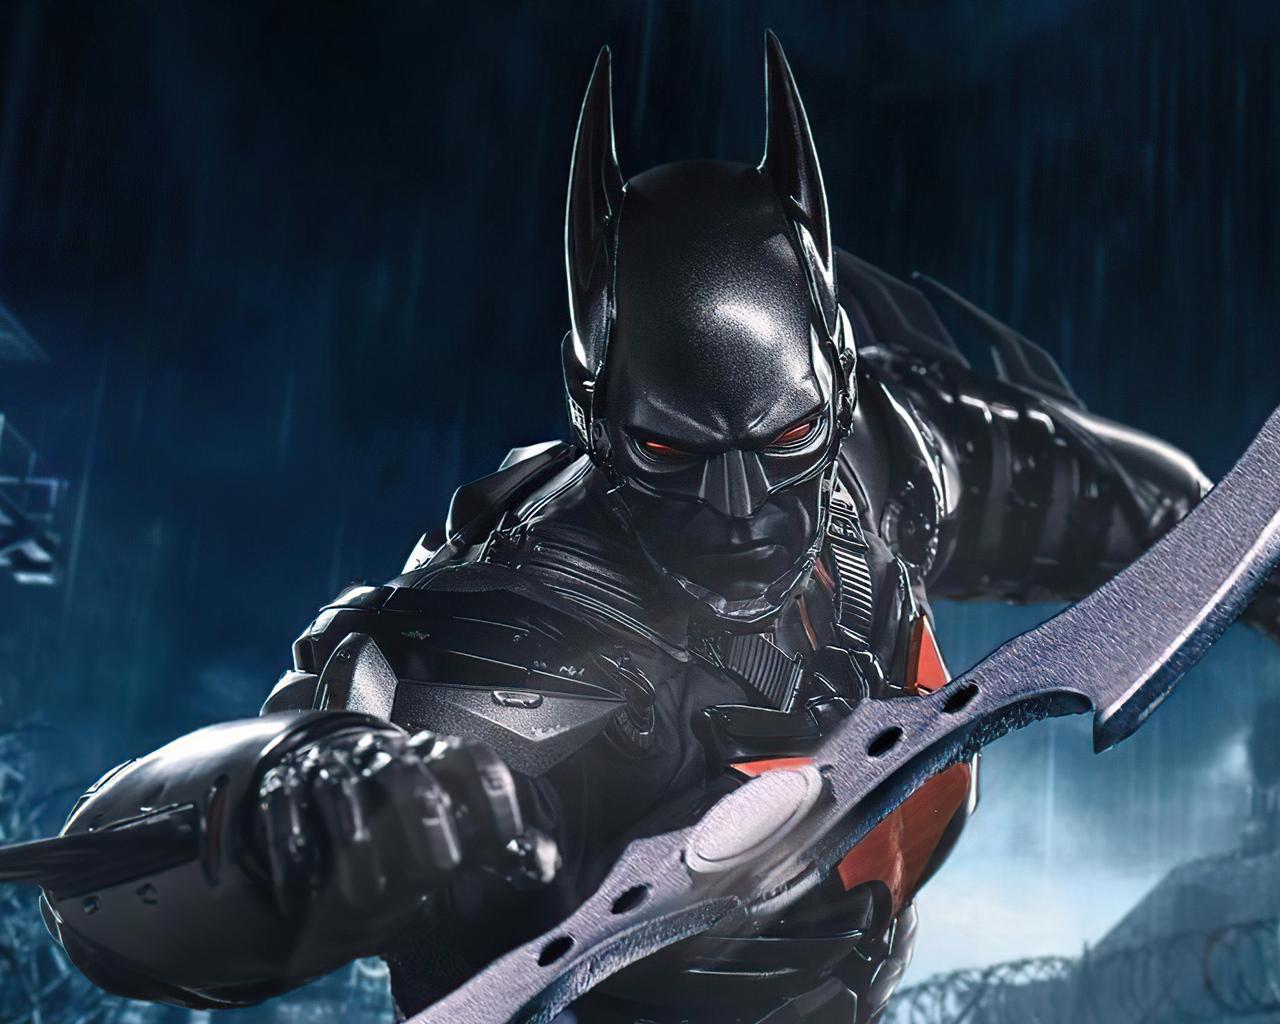 high-tech-batman-suit-5k-t2.jpg